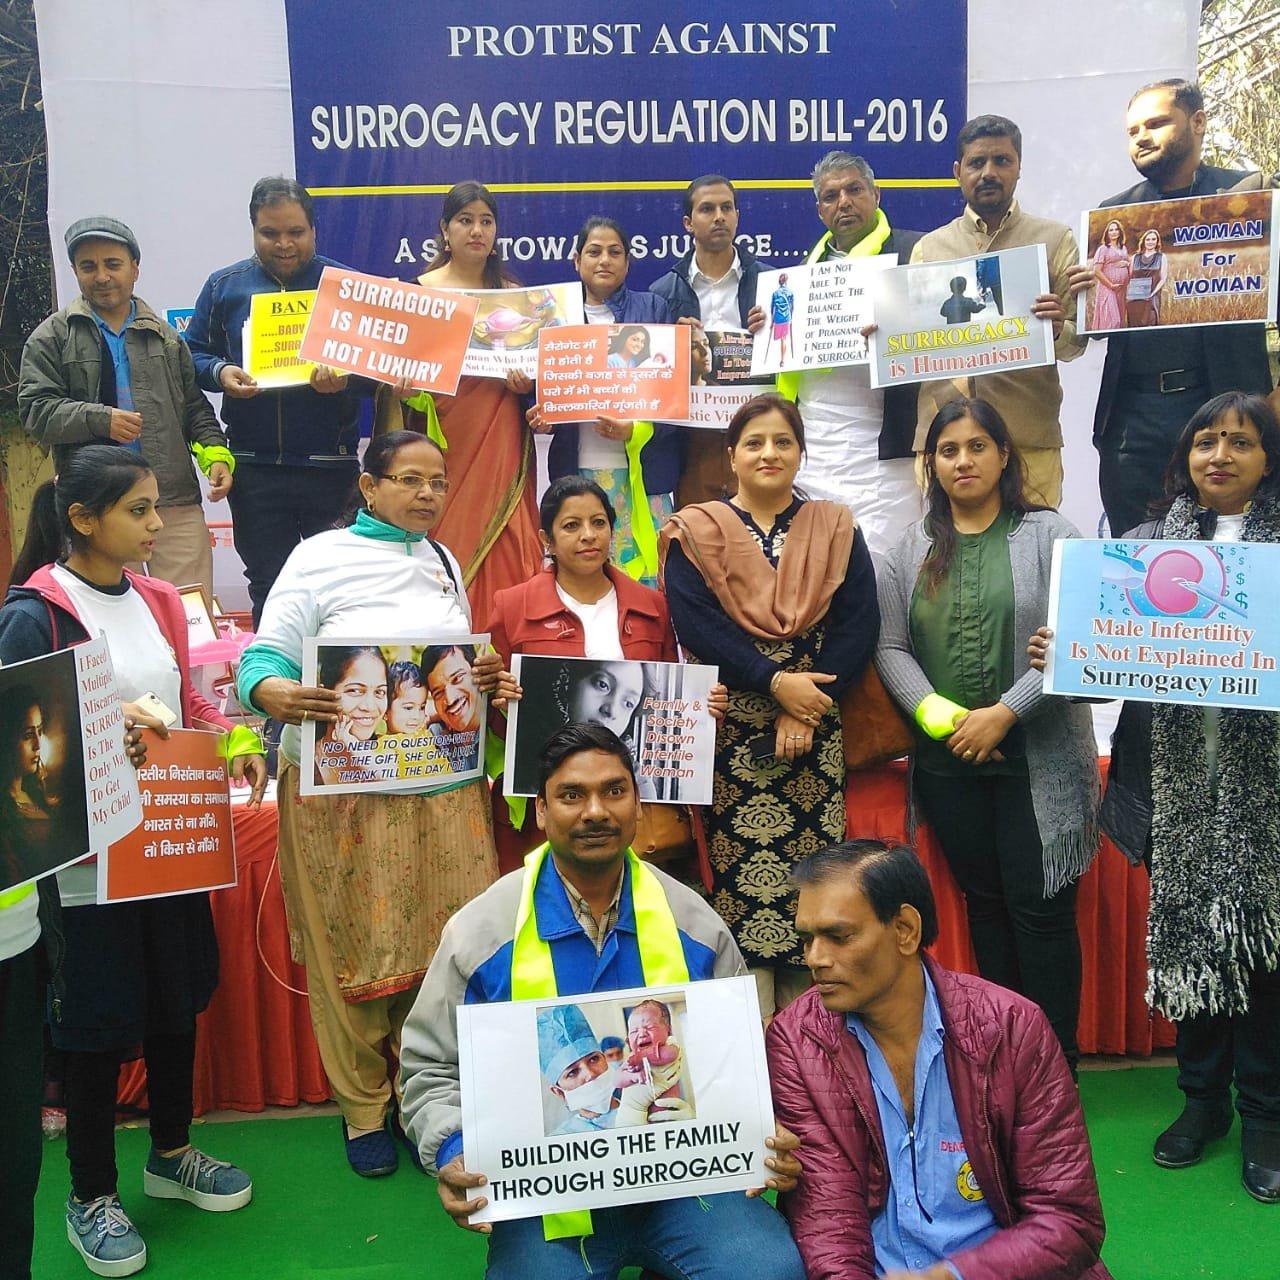 نئی دہلی میں سیروگیسی ریگولیشن بل کے خلاف مظاہرہ کرتے لوگ۔ (فوٹوبہ شکریہ: فیس بک)